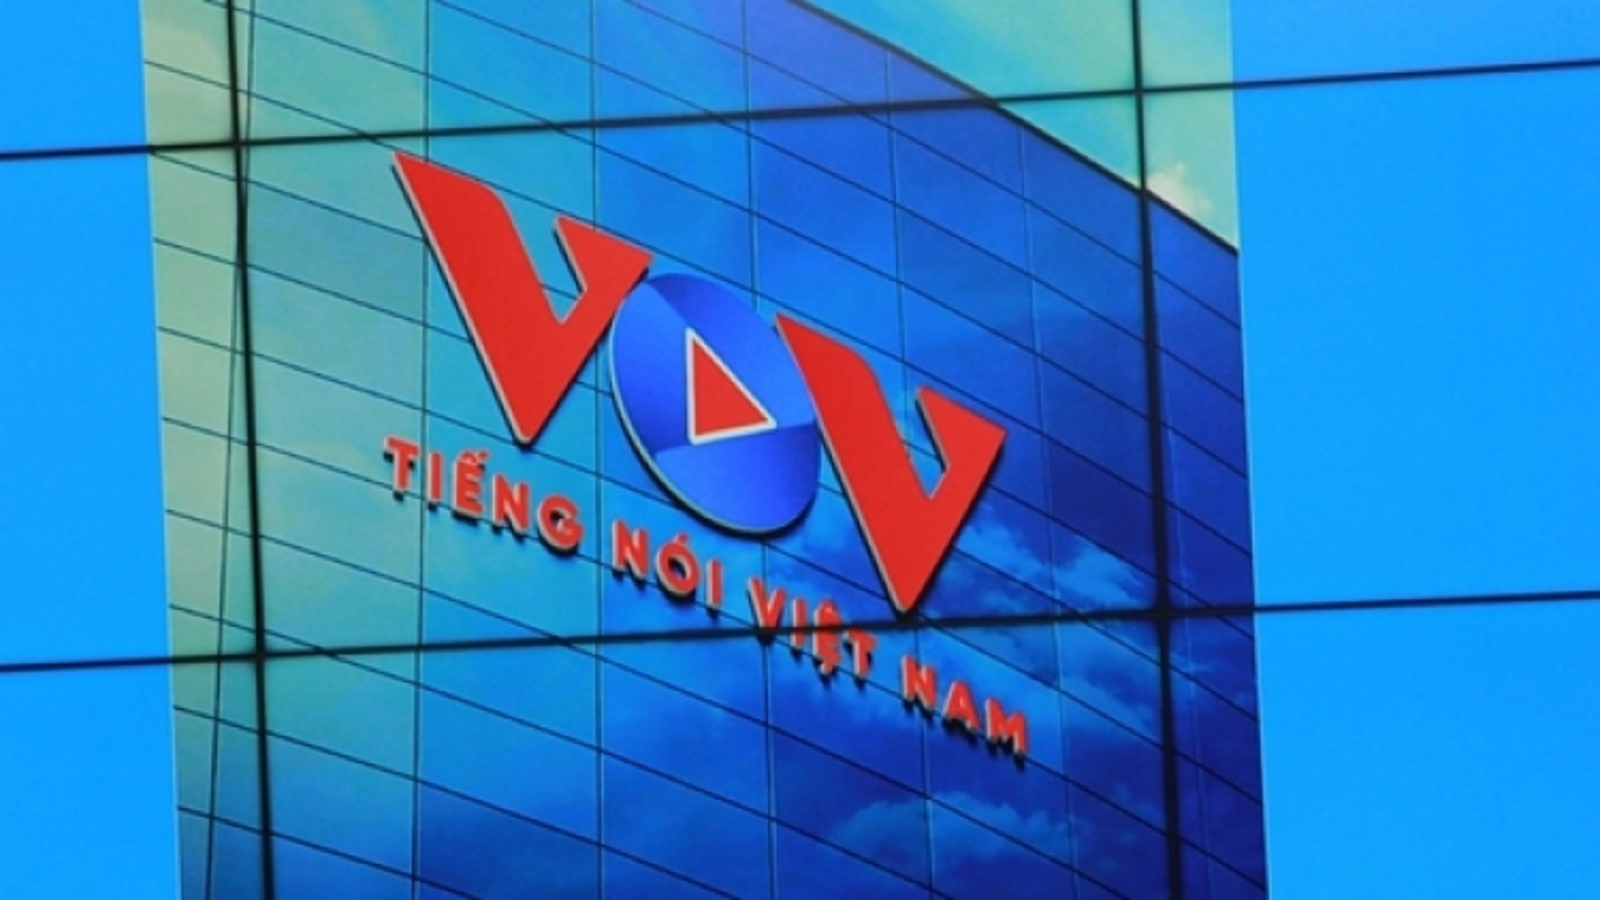 Đài Tiếng nói Việt Nam tuyển dụng viên chức cho Ban Văn hóa - Xã hội (VOV2)